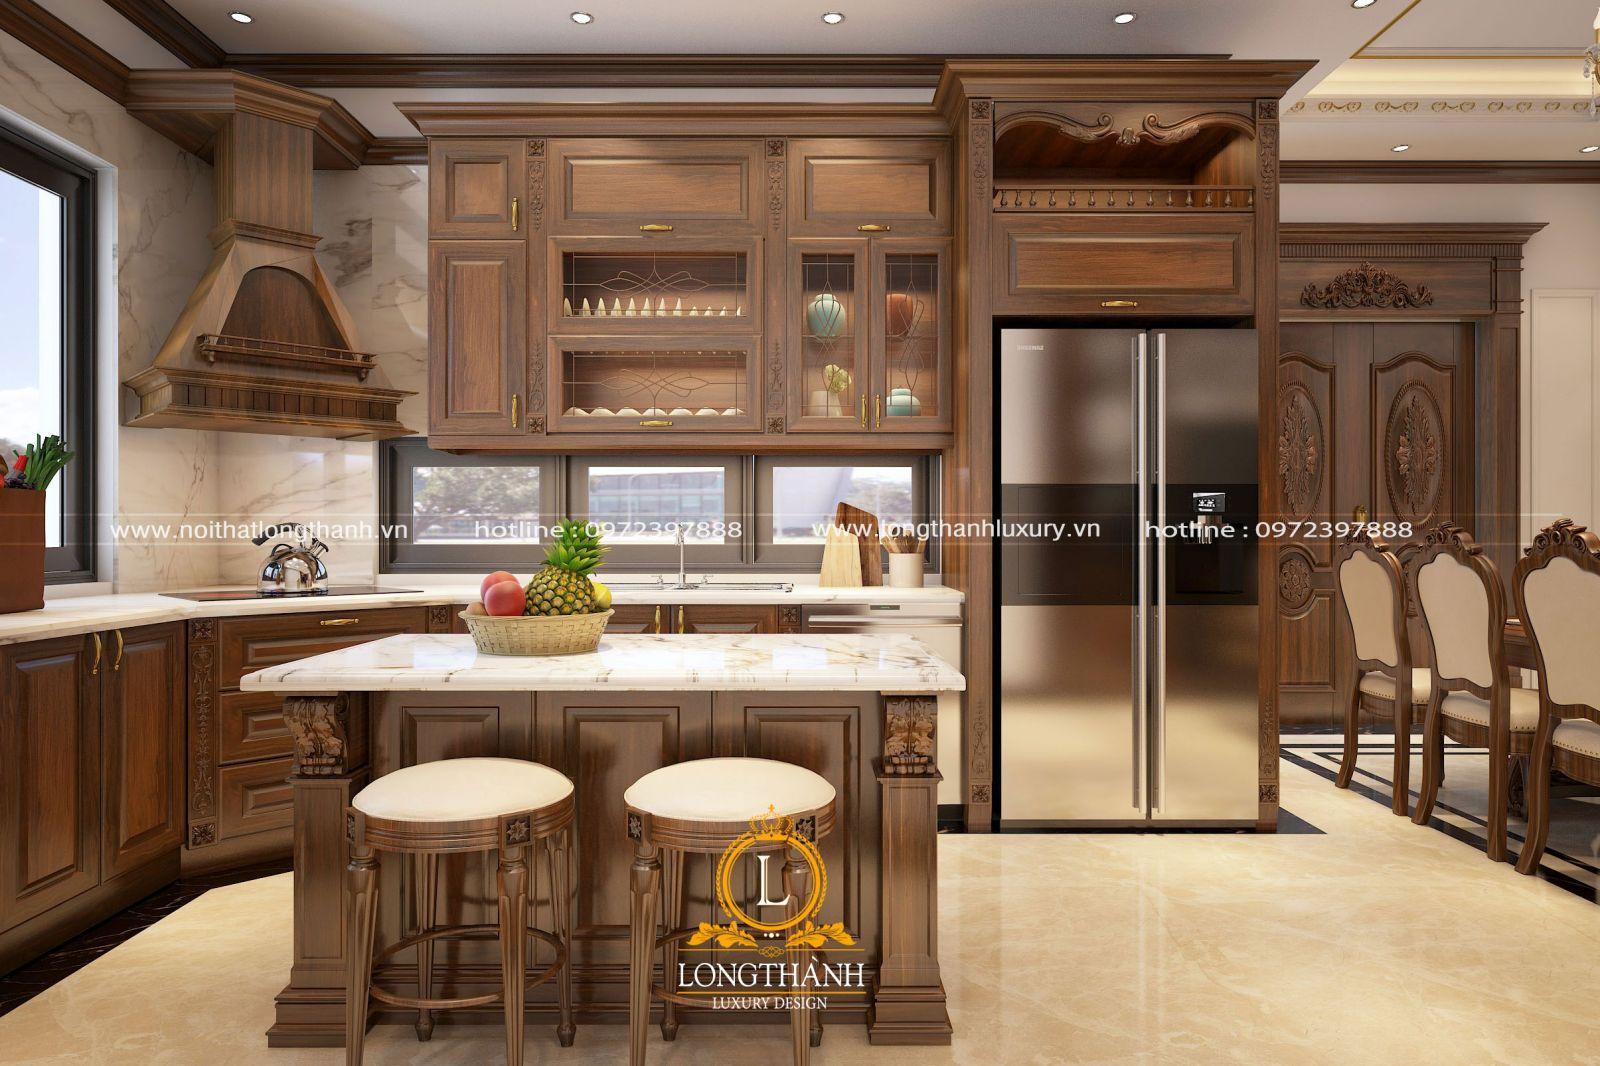 Tủ bếp gỗ tự nhiên với thiết kế vuông góc chữ L kèm bàn đảo